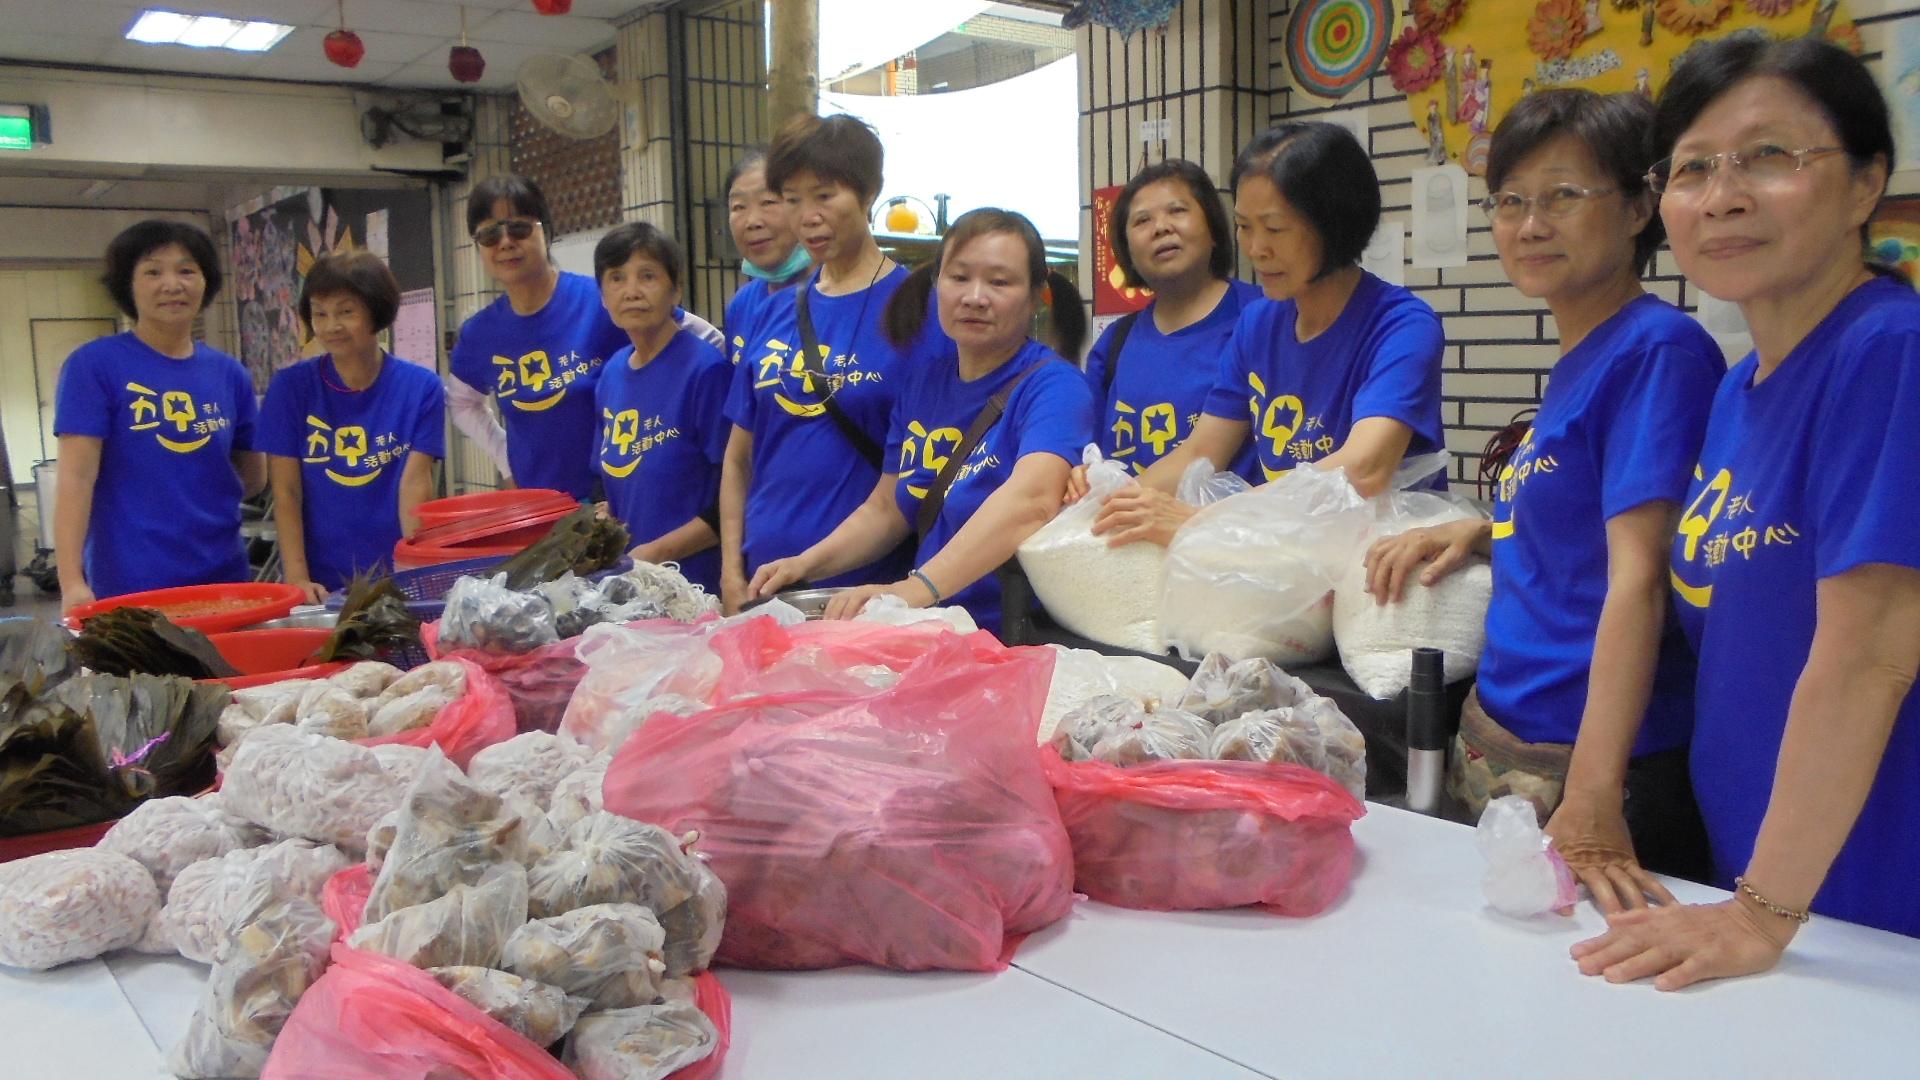 長青中心20週年慶暨五甲社區「粽葉飄香 舞端陽」社區關懷活動